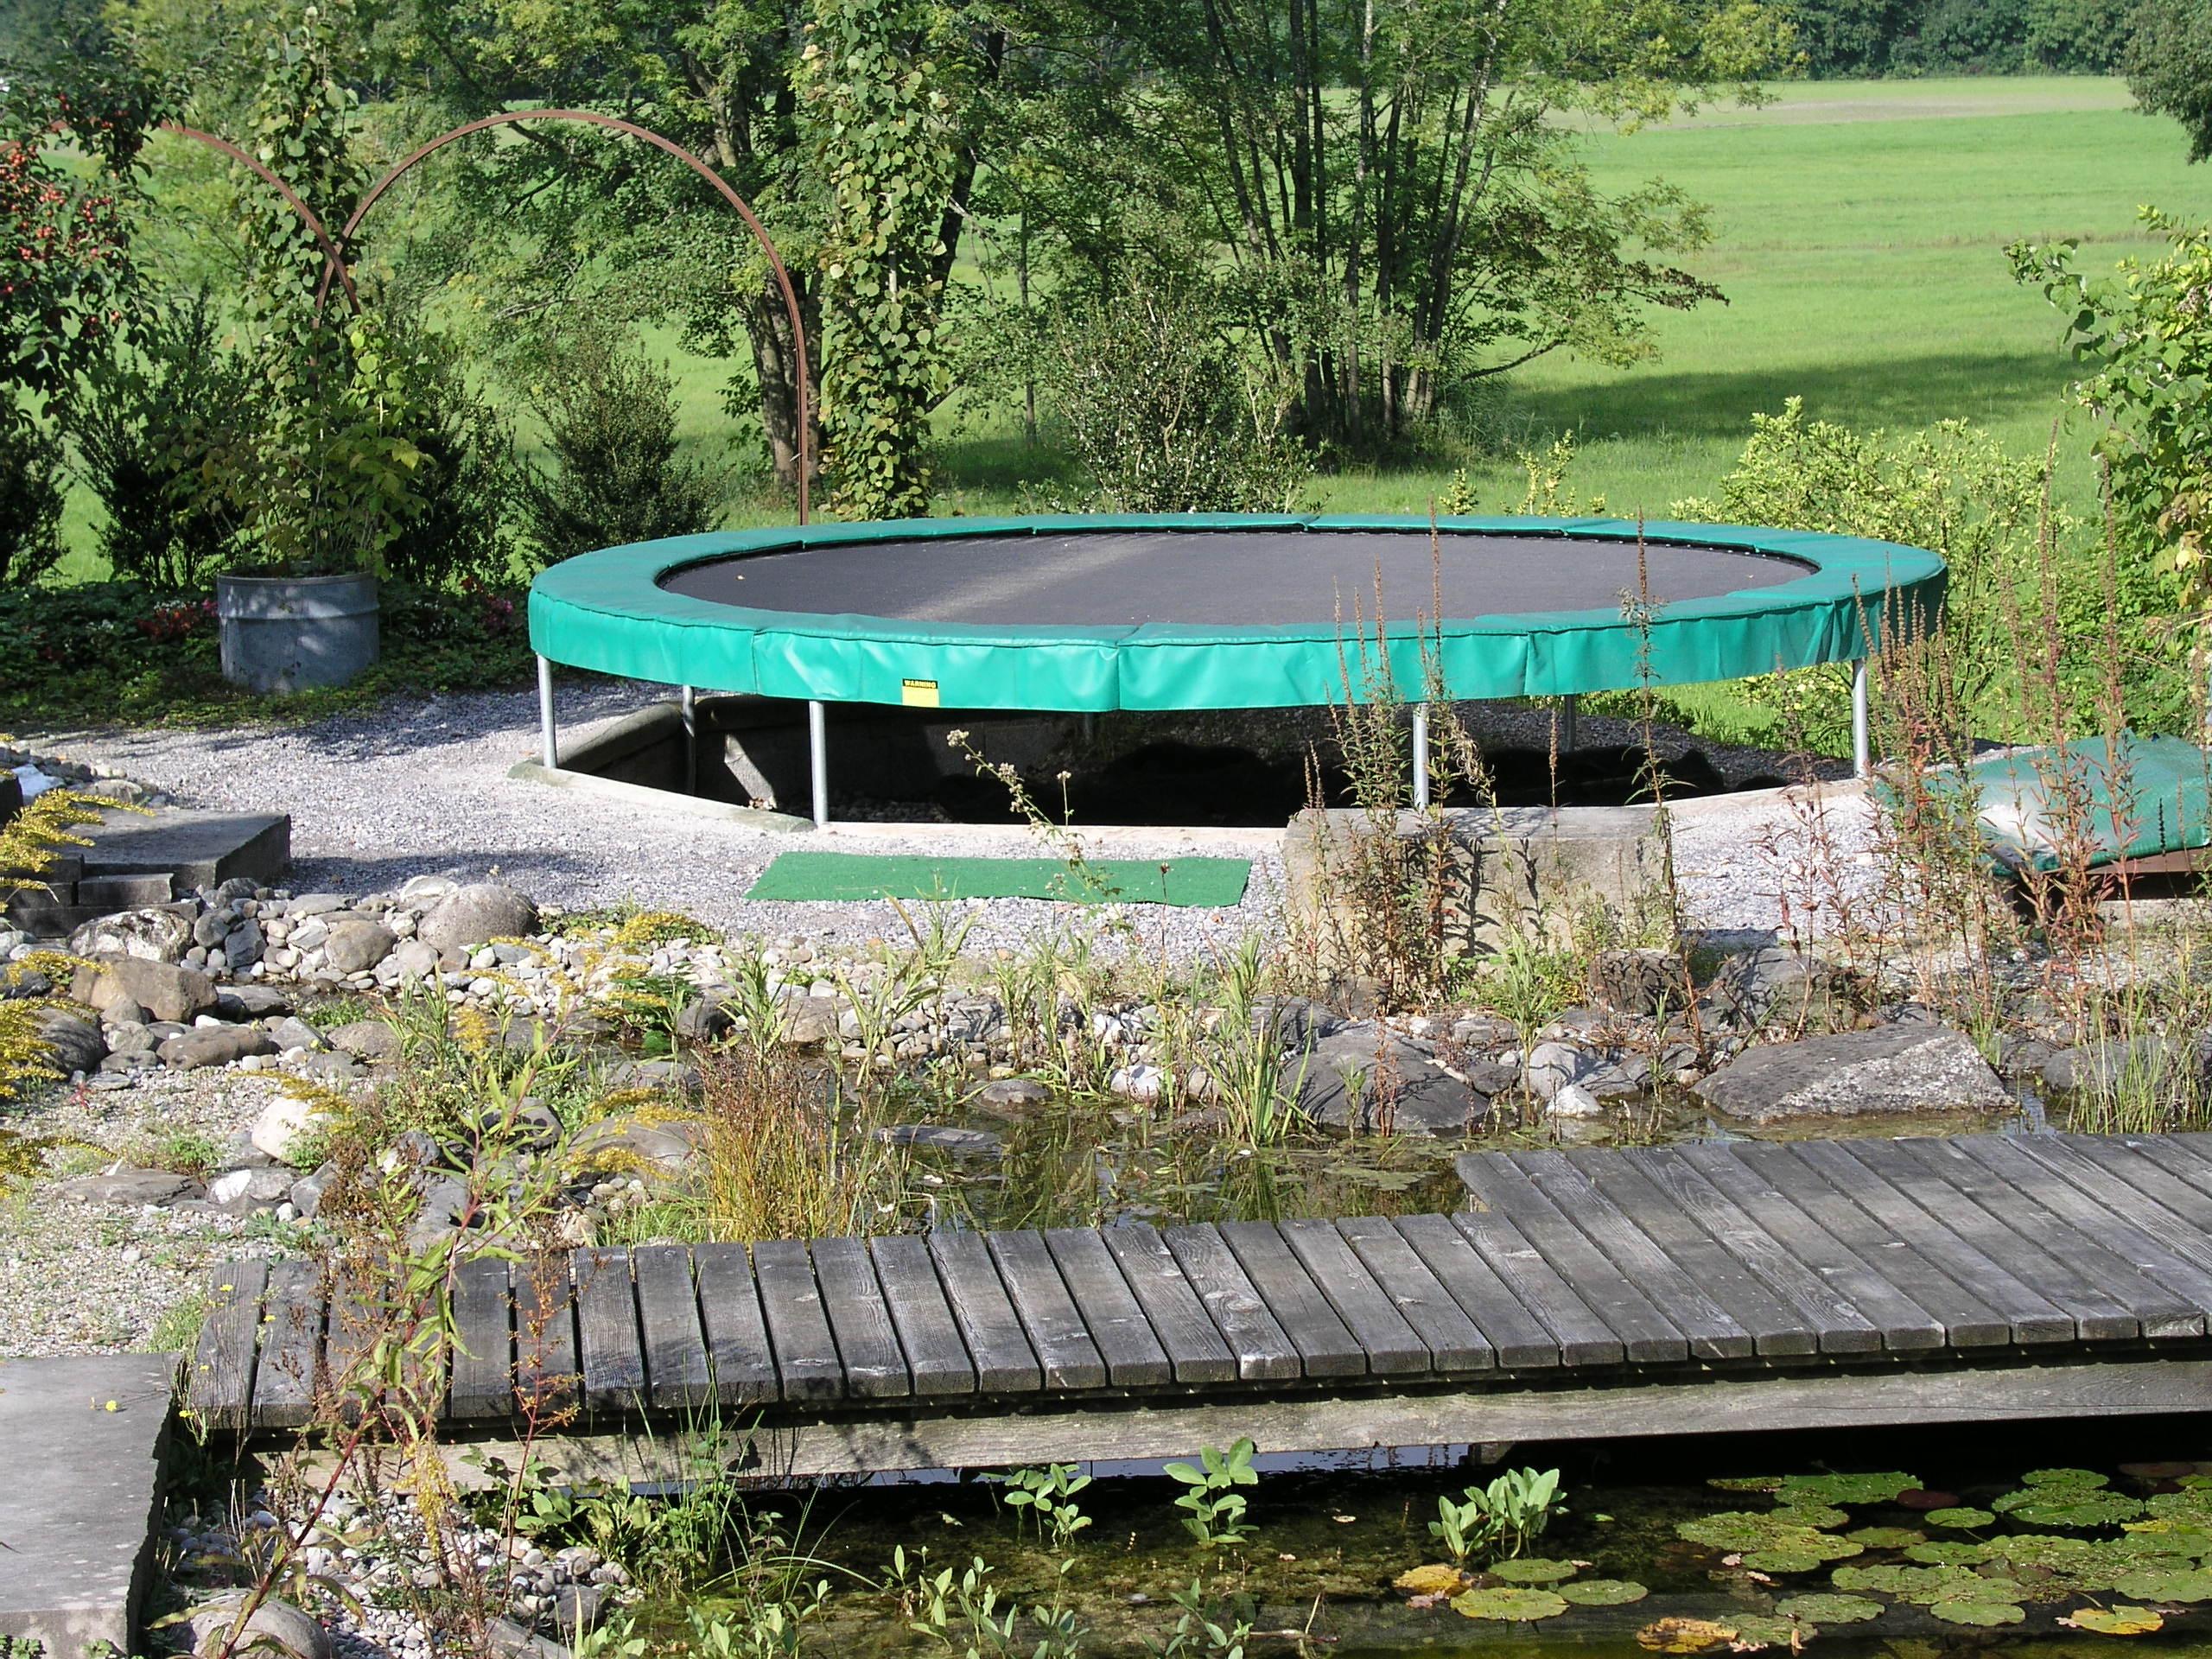 Full Size of Trampolin Im Garten Eingraben Trampoline Center Schweiz Vertikal Fussballtor Leuchtkugel Bewässerungssystem Klapptisch Liege Schaukelstuhl Klappstuhl Garten Trampolin Garten